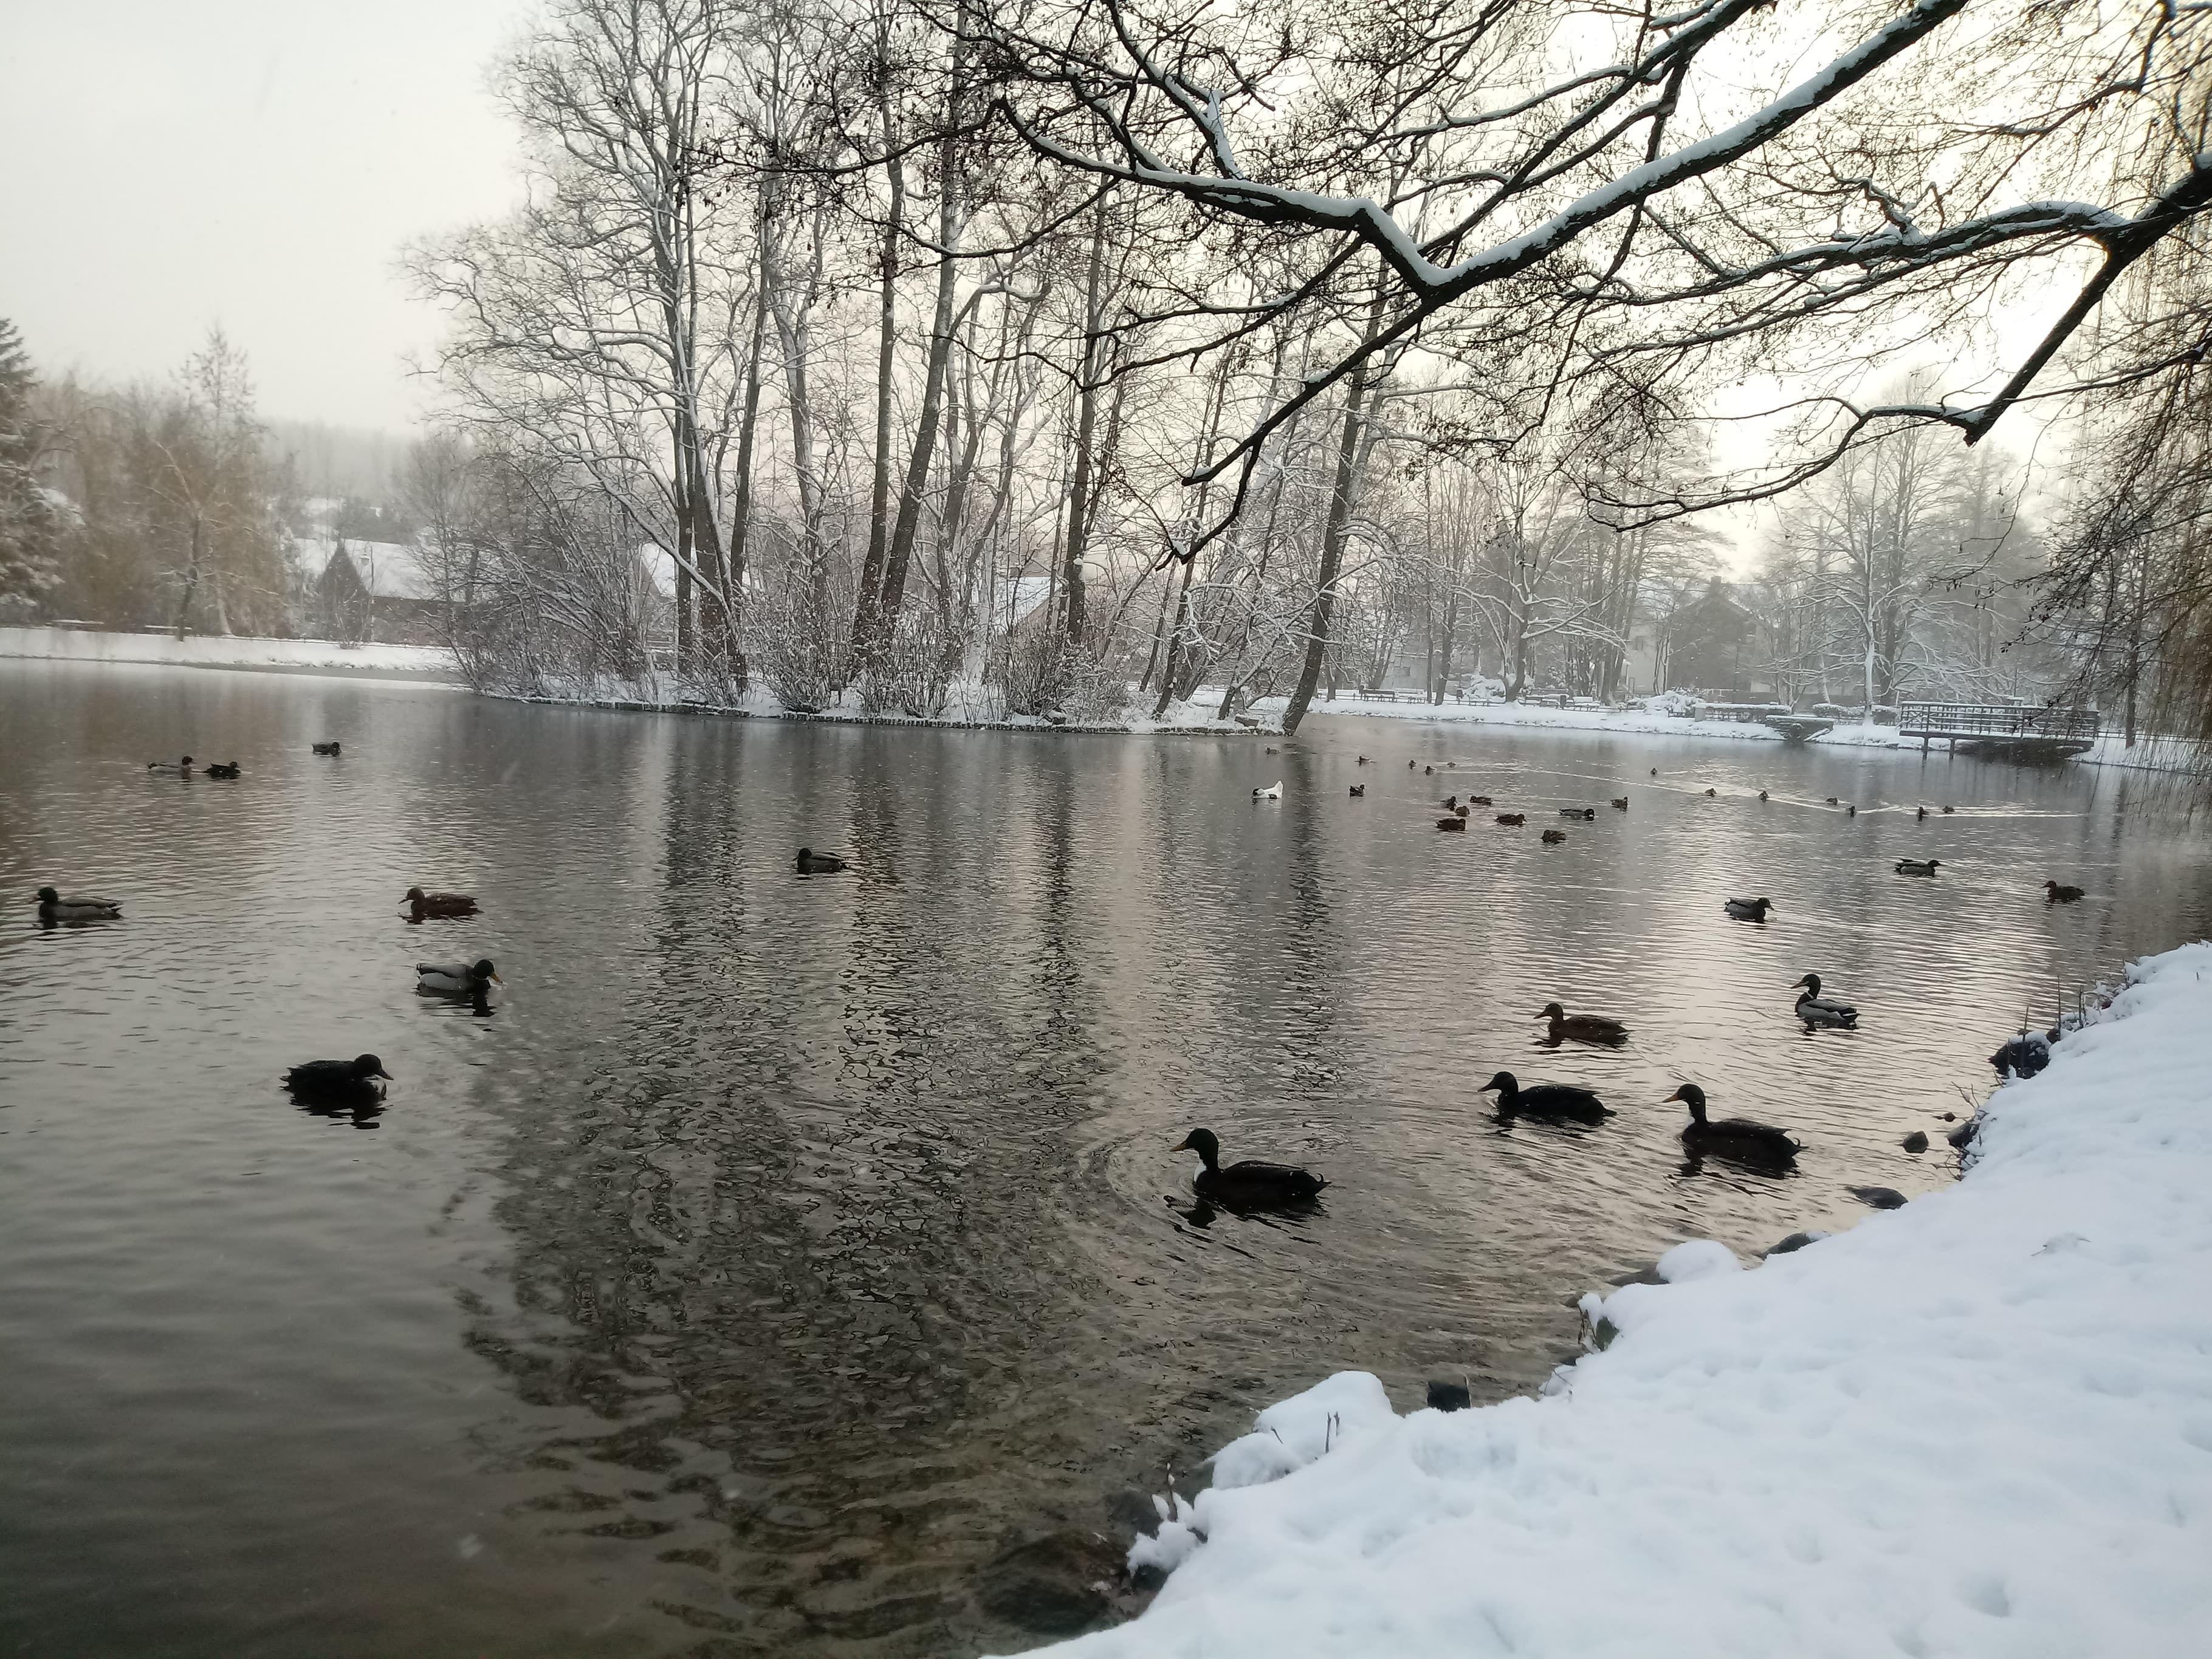 Zima zagości na dłużej [FOTO]